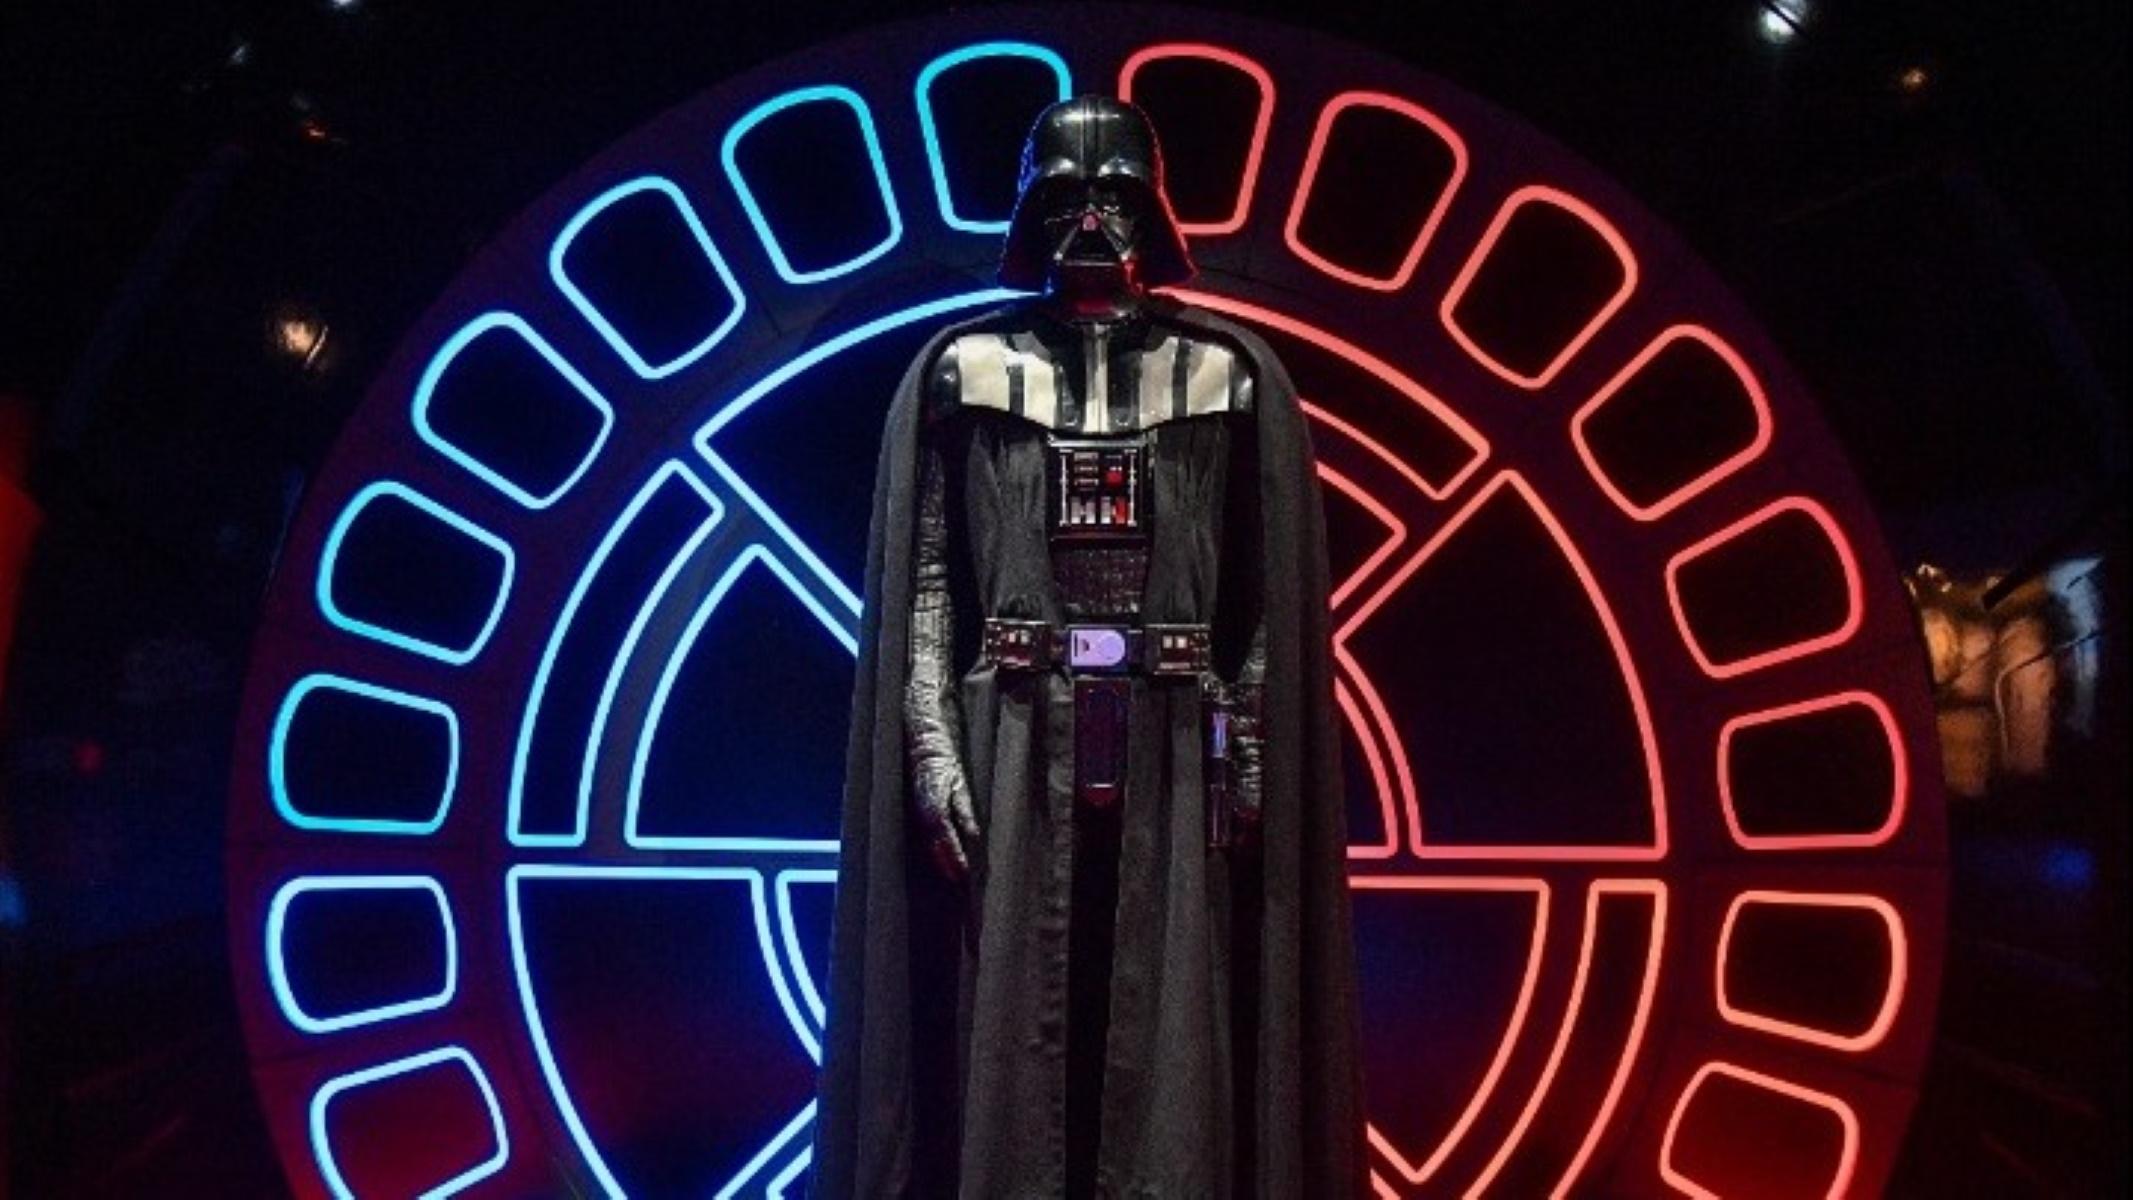 Ο Νταρθ Βέιντερ είναι ο απόλυτος κακός του Star Wars